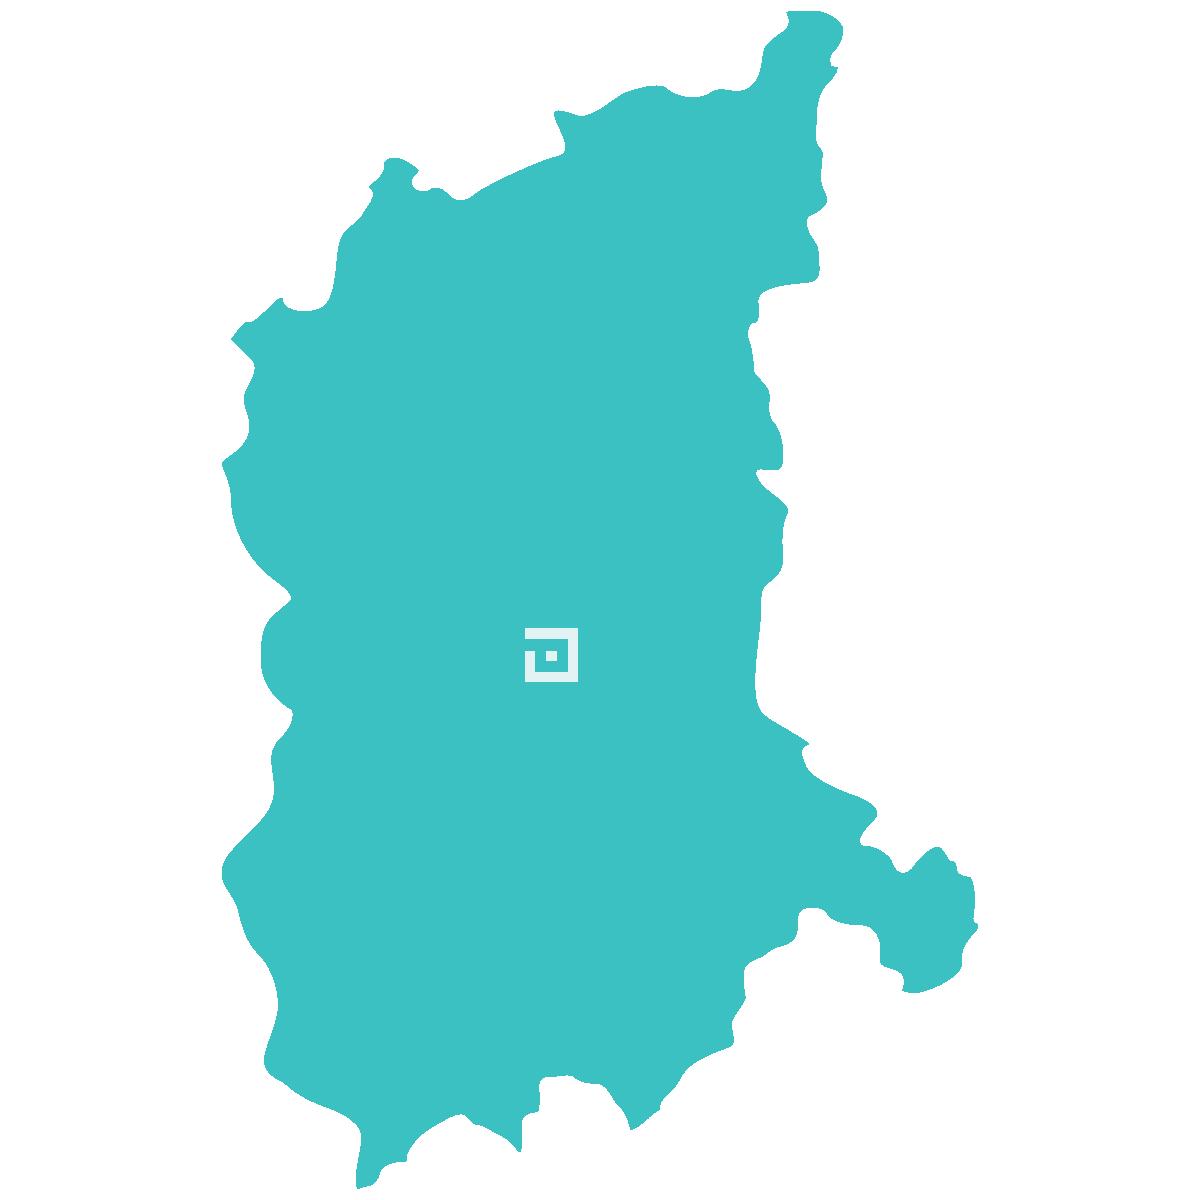 Pompy ciepła lubuskie - mapa